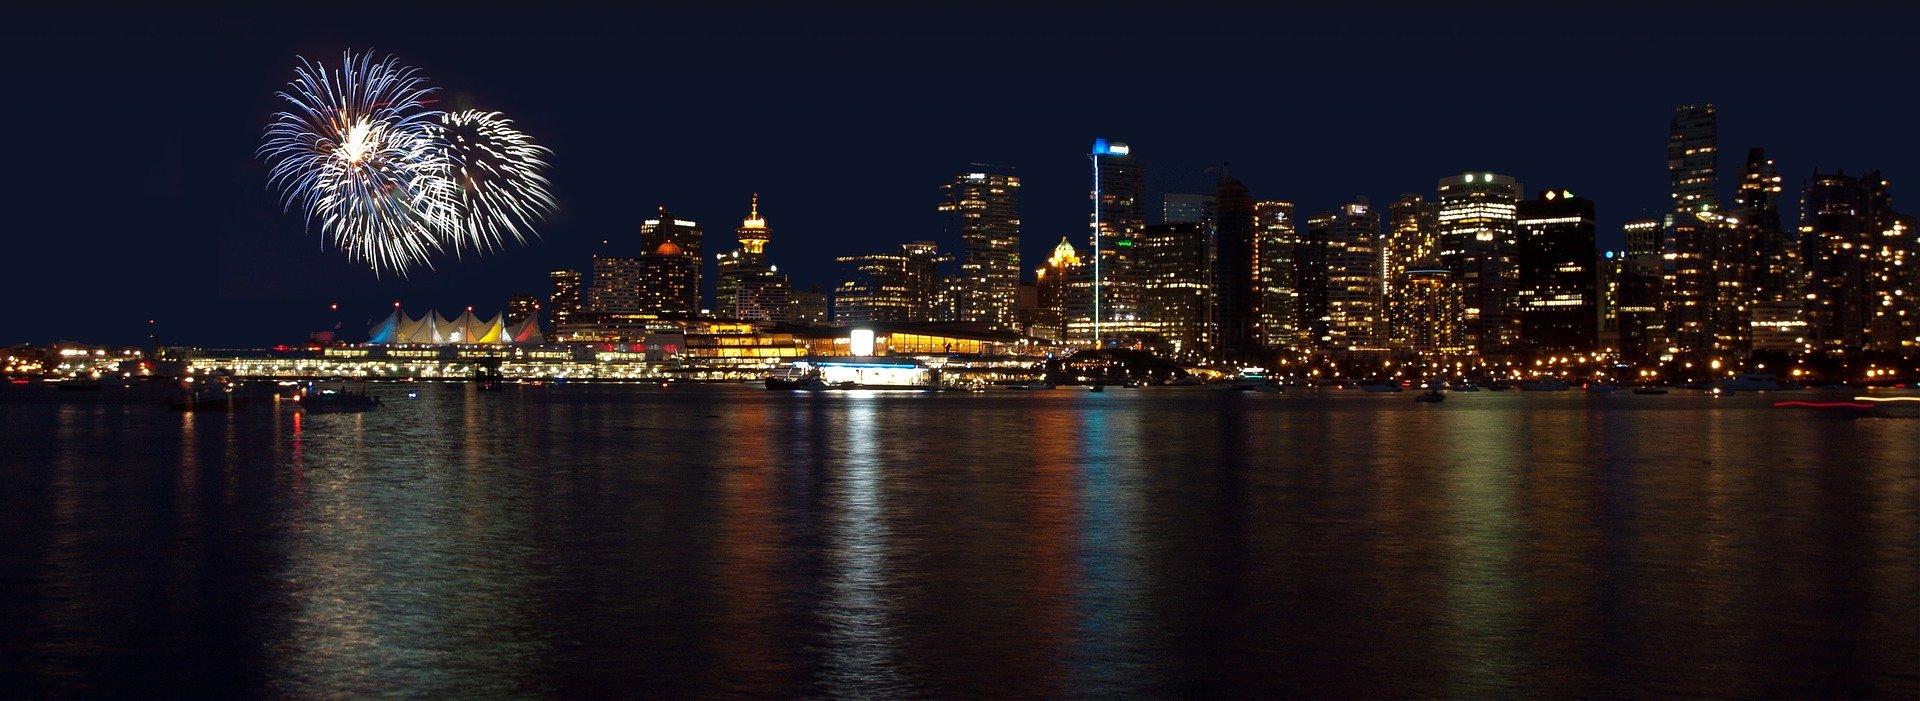 Экономика в Ванкувере растет быстрее, чем в других канадских городах